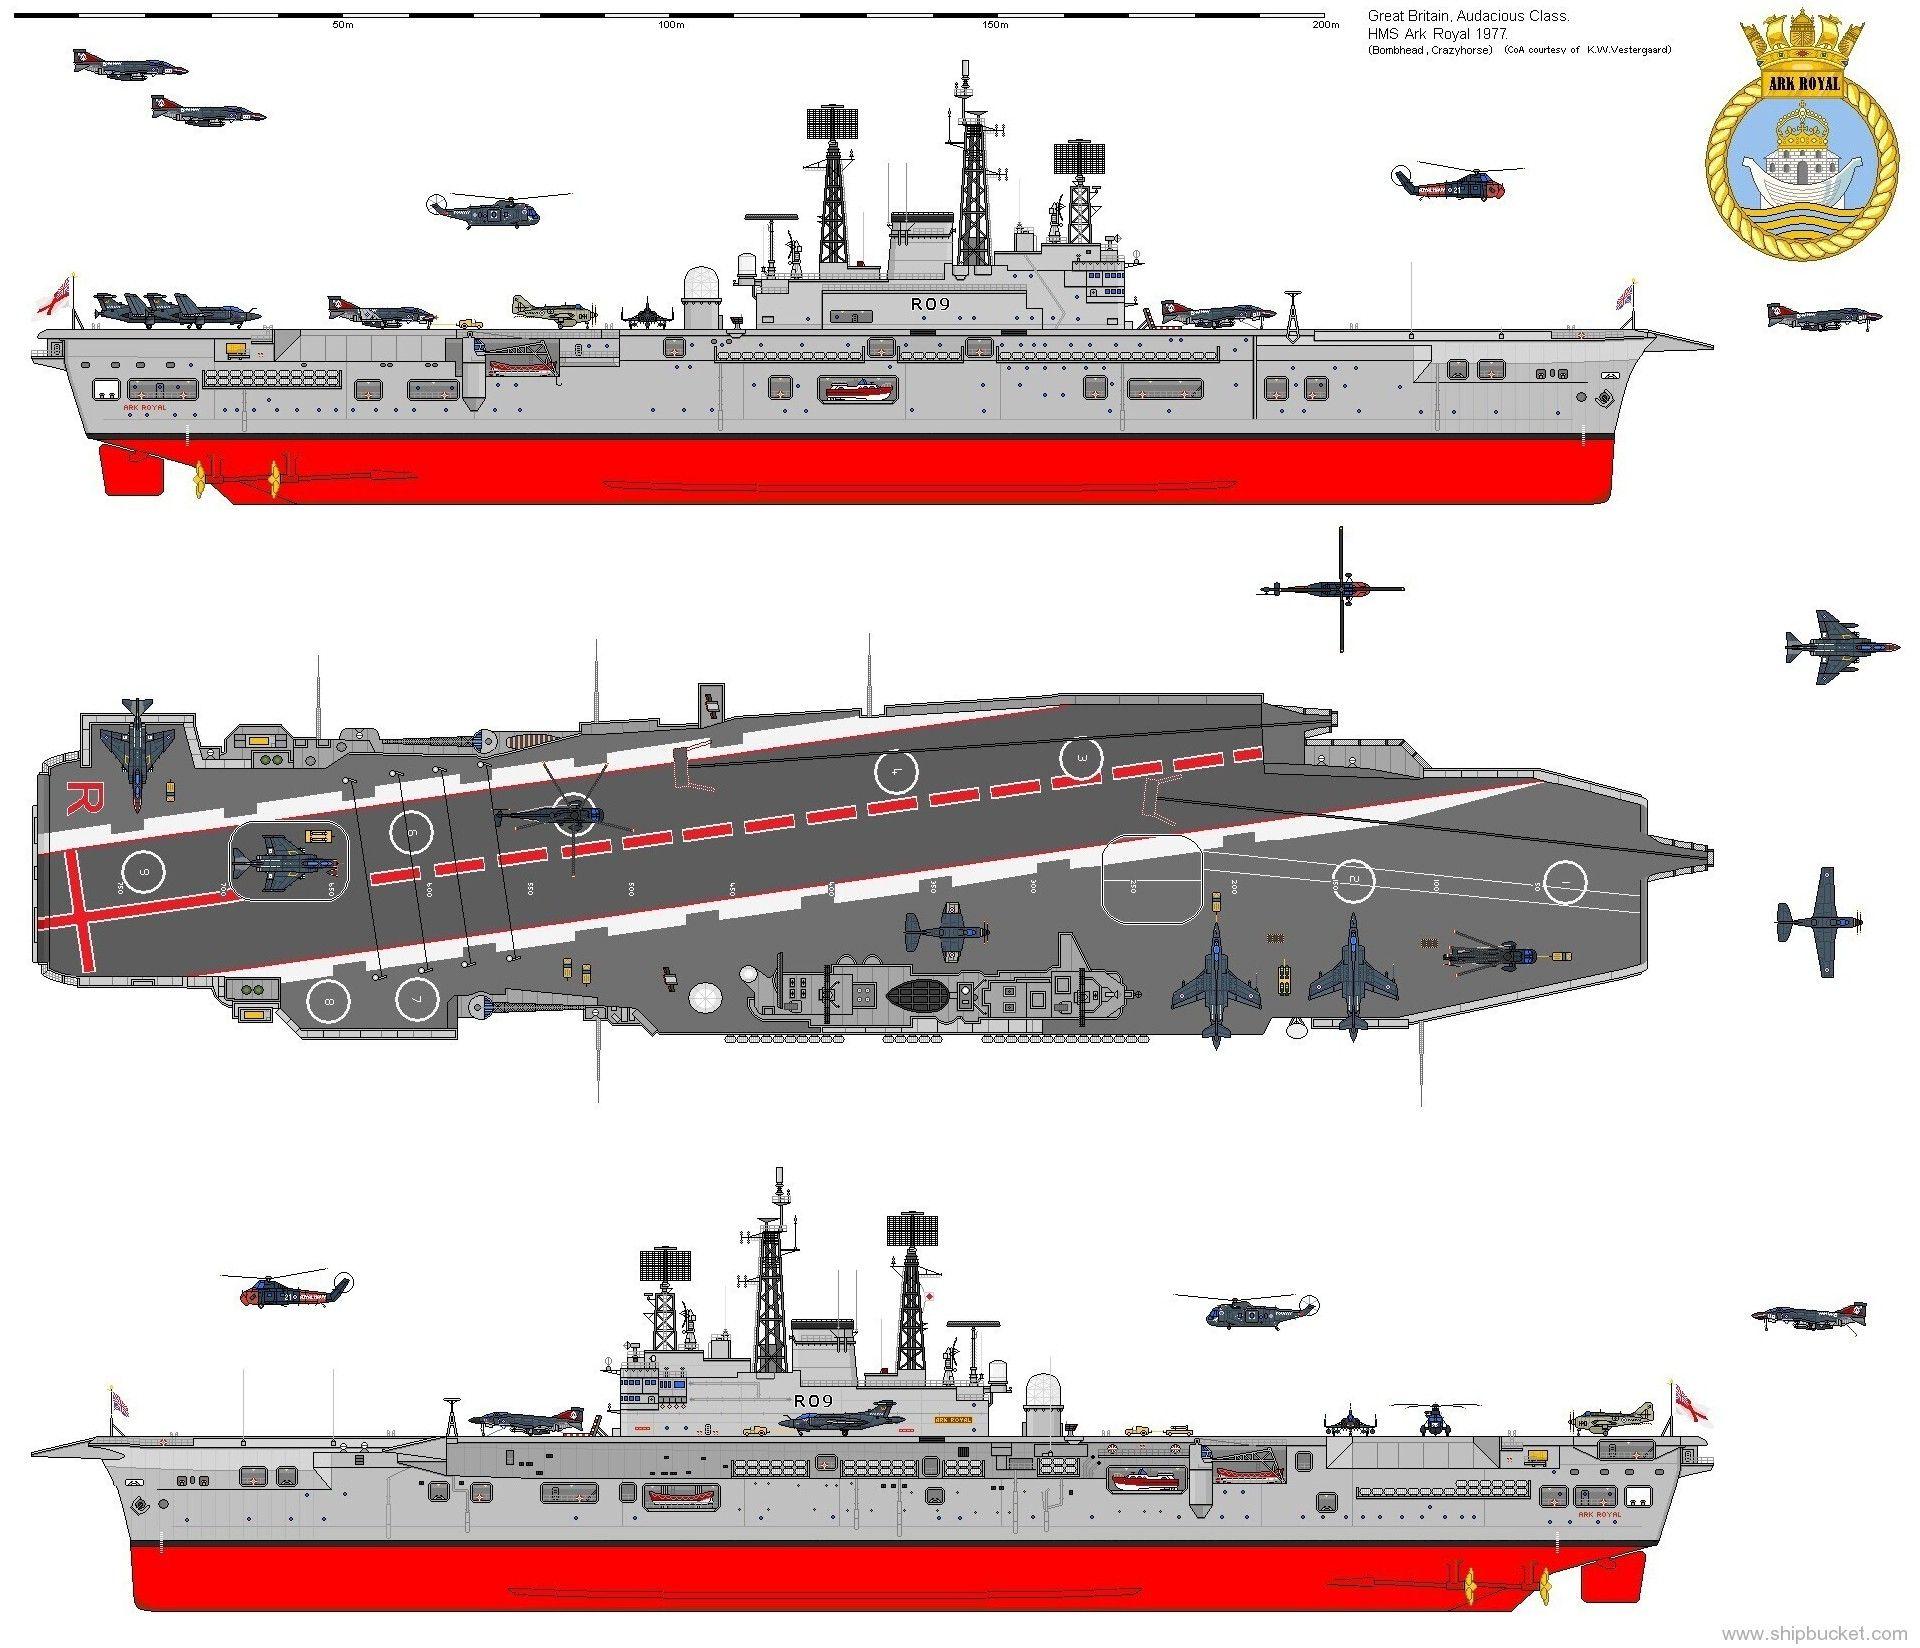 Hms Ark Royal R 09 Audacious Class Aircraft Carrier Royal Navy In 2020 Hms Ark Royal Aircraft Carrier Navy Carriers